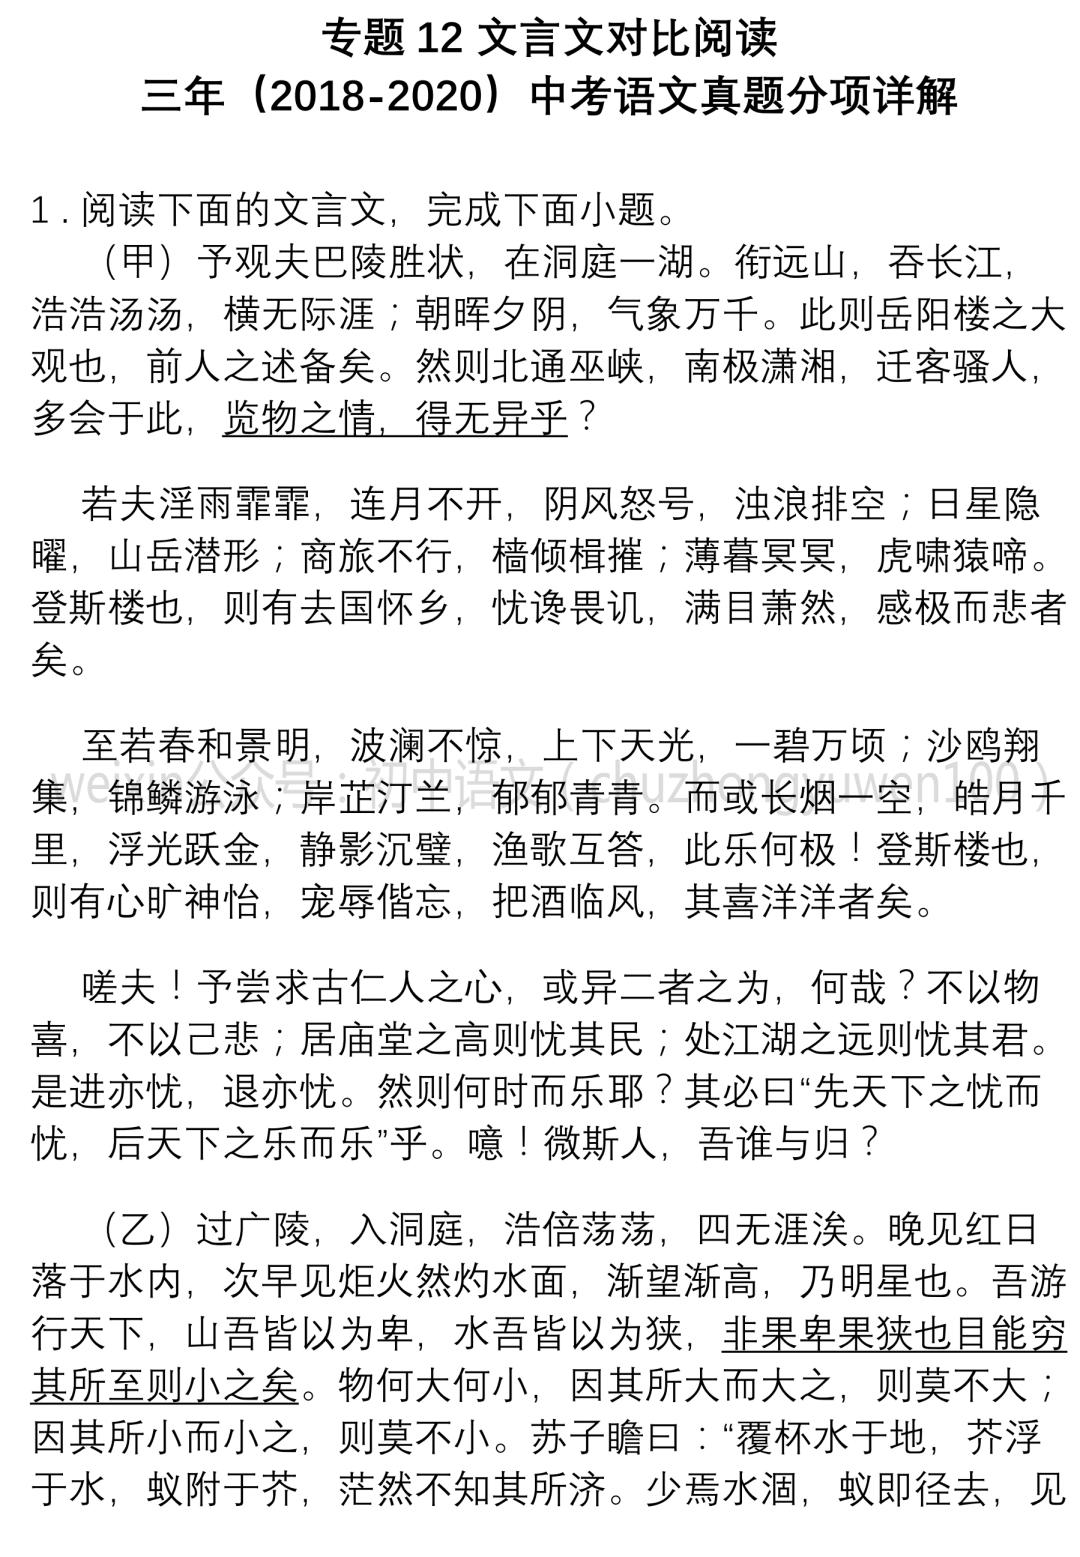 初中语文 文言文对比阅读(2018-2020) 3年中考真题汇编,考前冲刺!打卡~